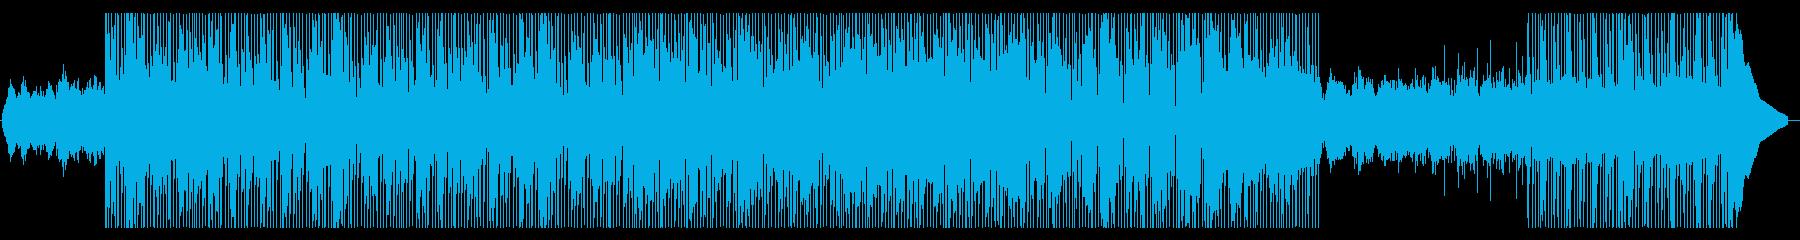 デトックスな印象とテンポなサウンドの再生済みの波形